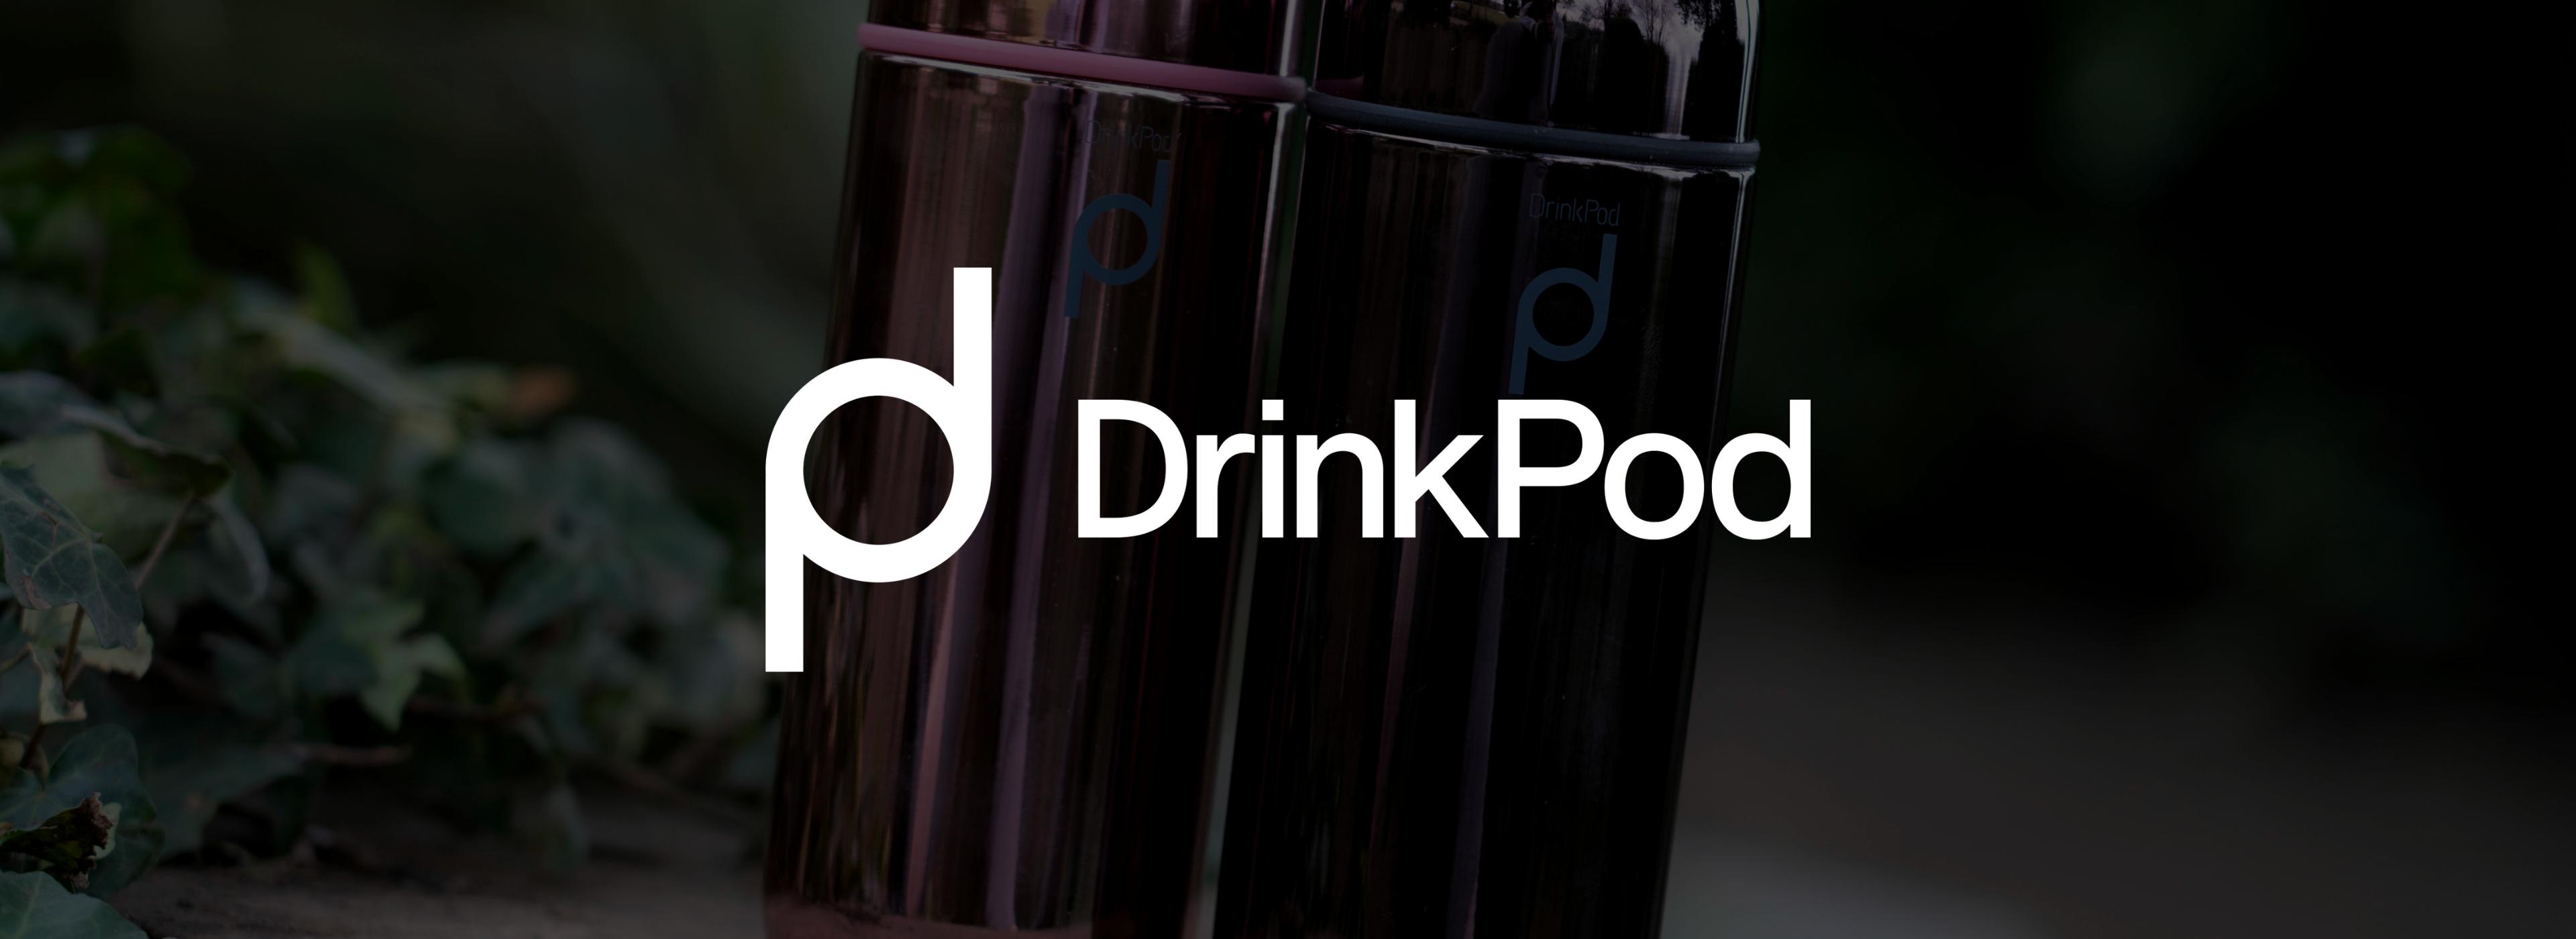 DrinkPod Banner